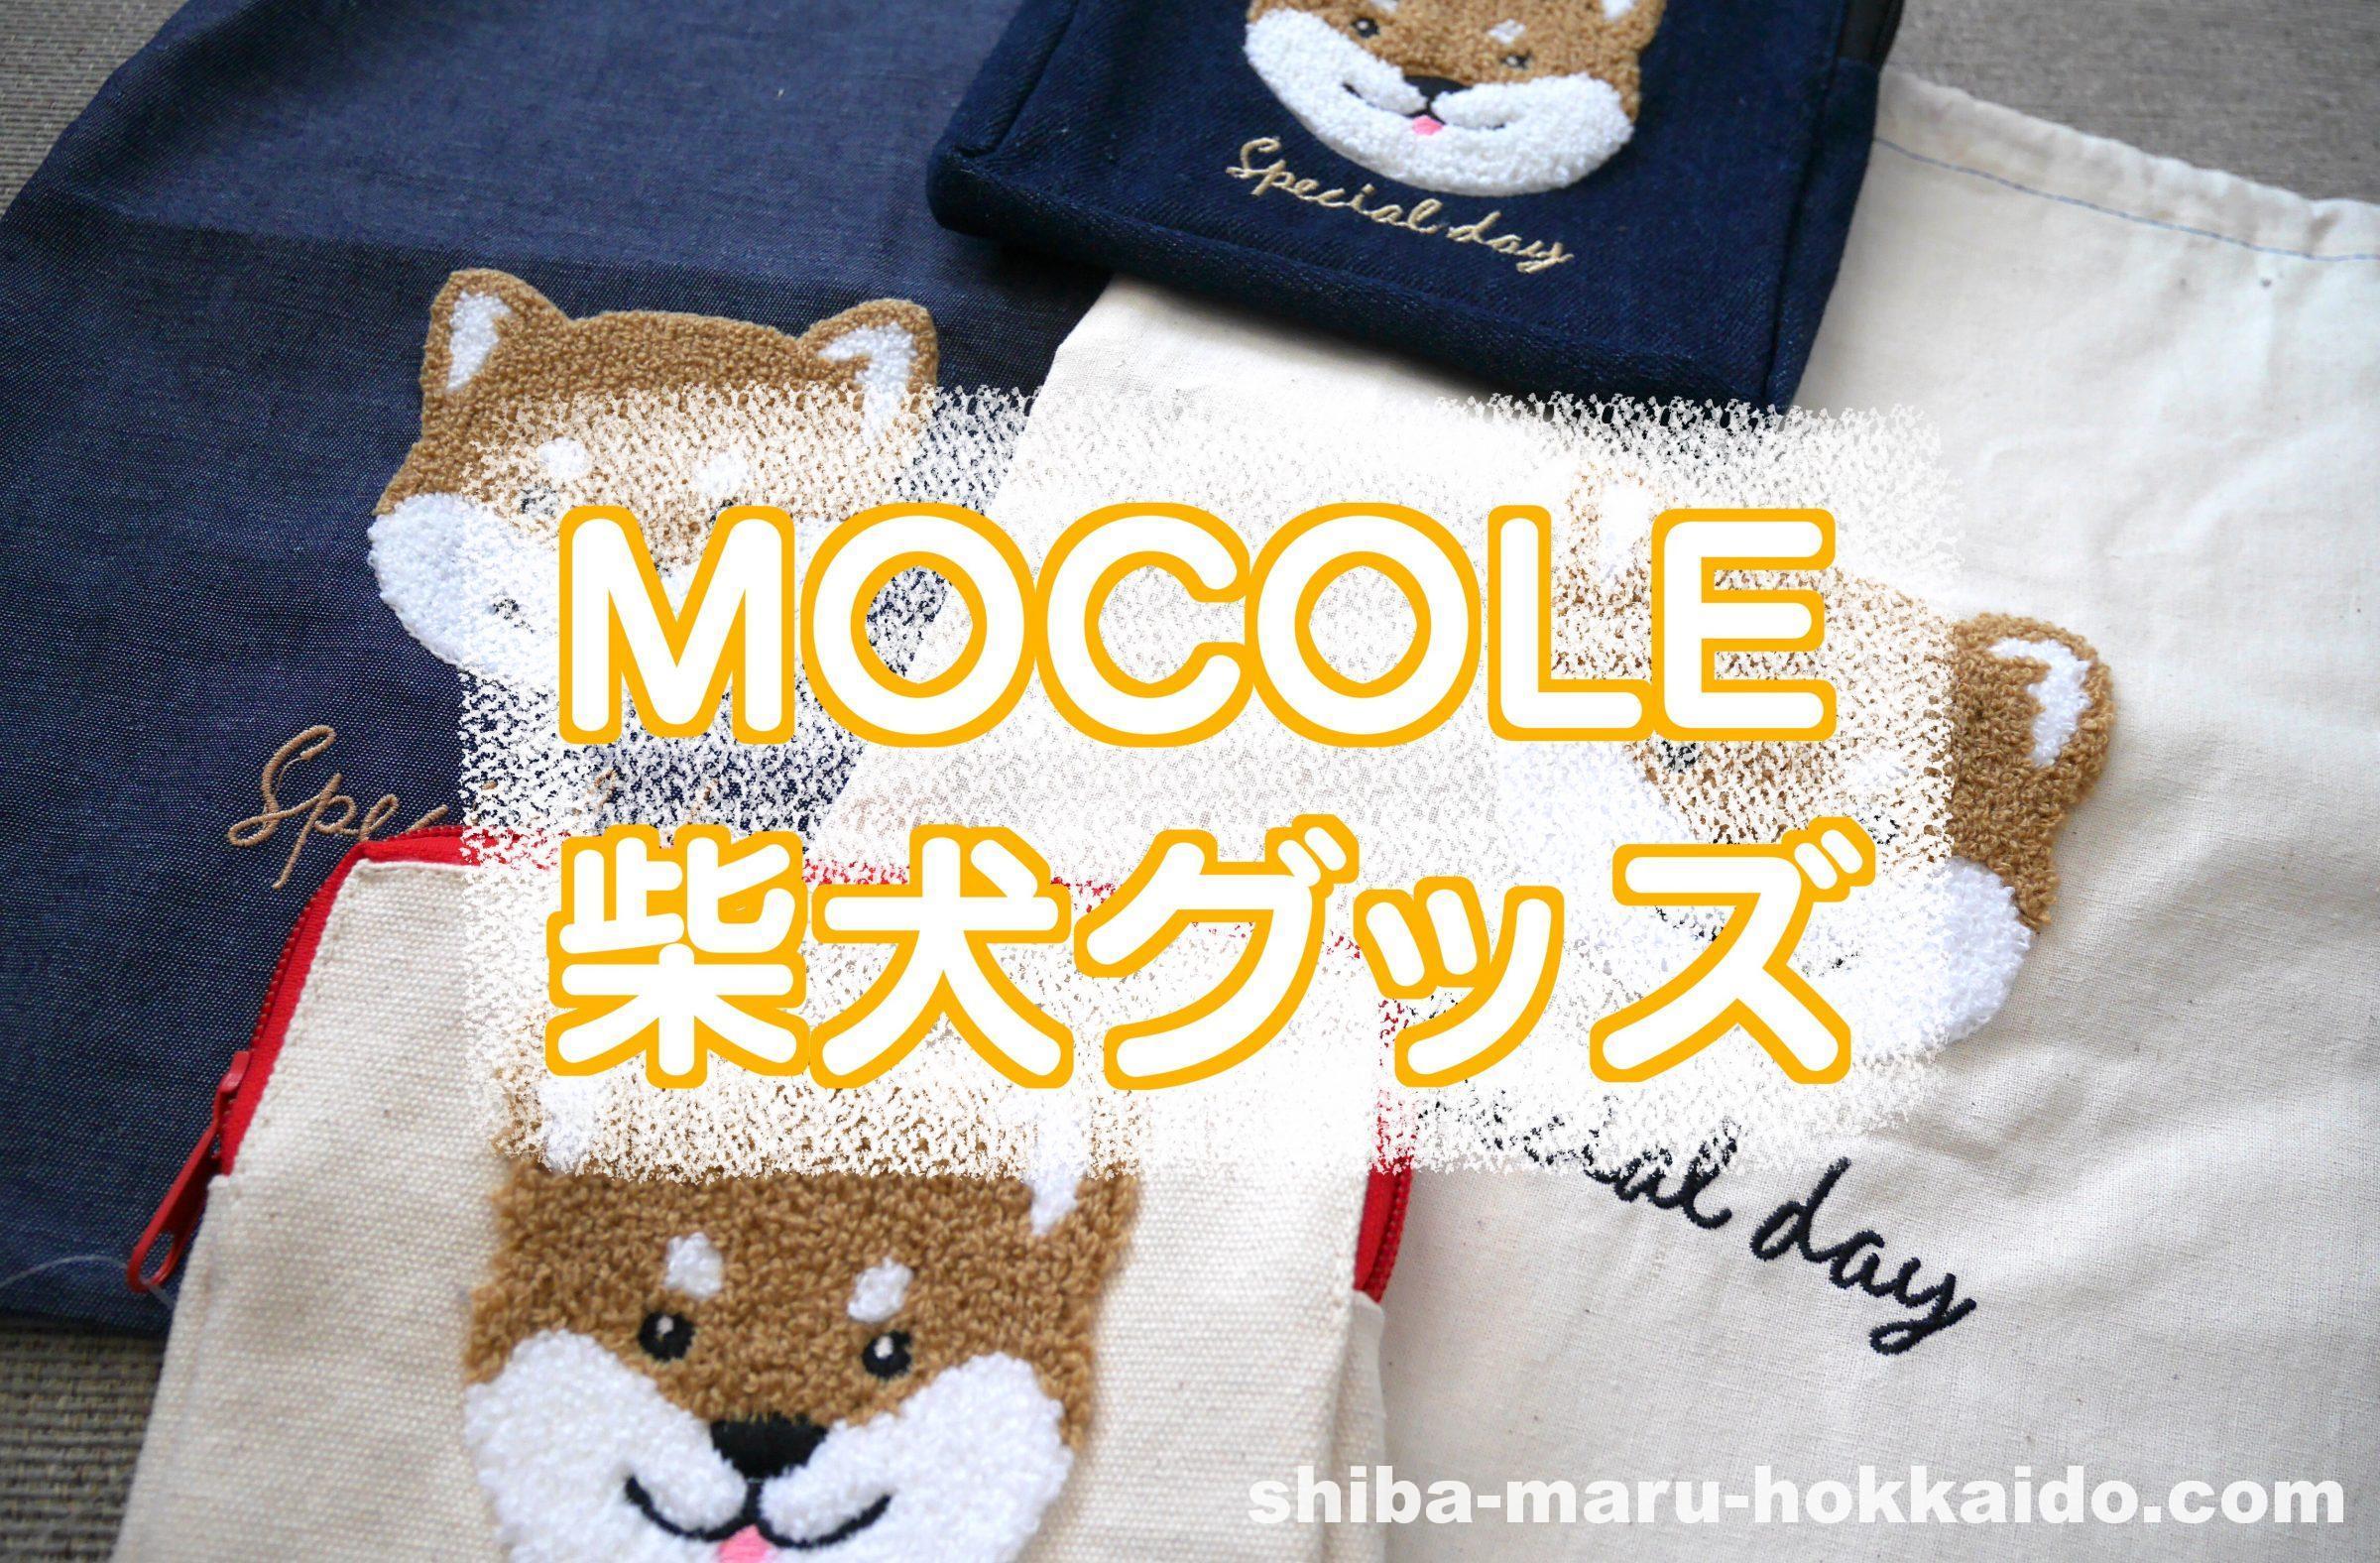 柴犬のモコモコグッズ!?「MOCOLE(モコル)巾着&ポーチ」が可愛すぎる!